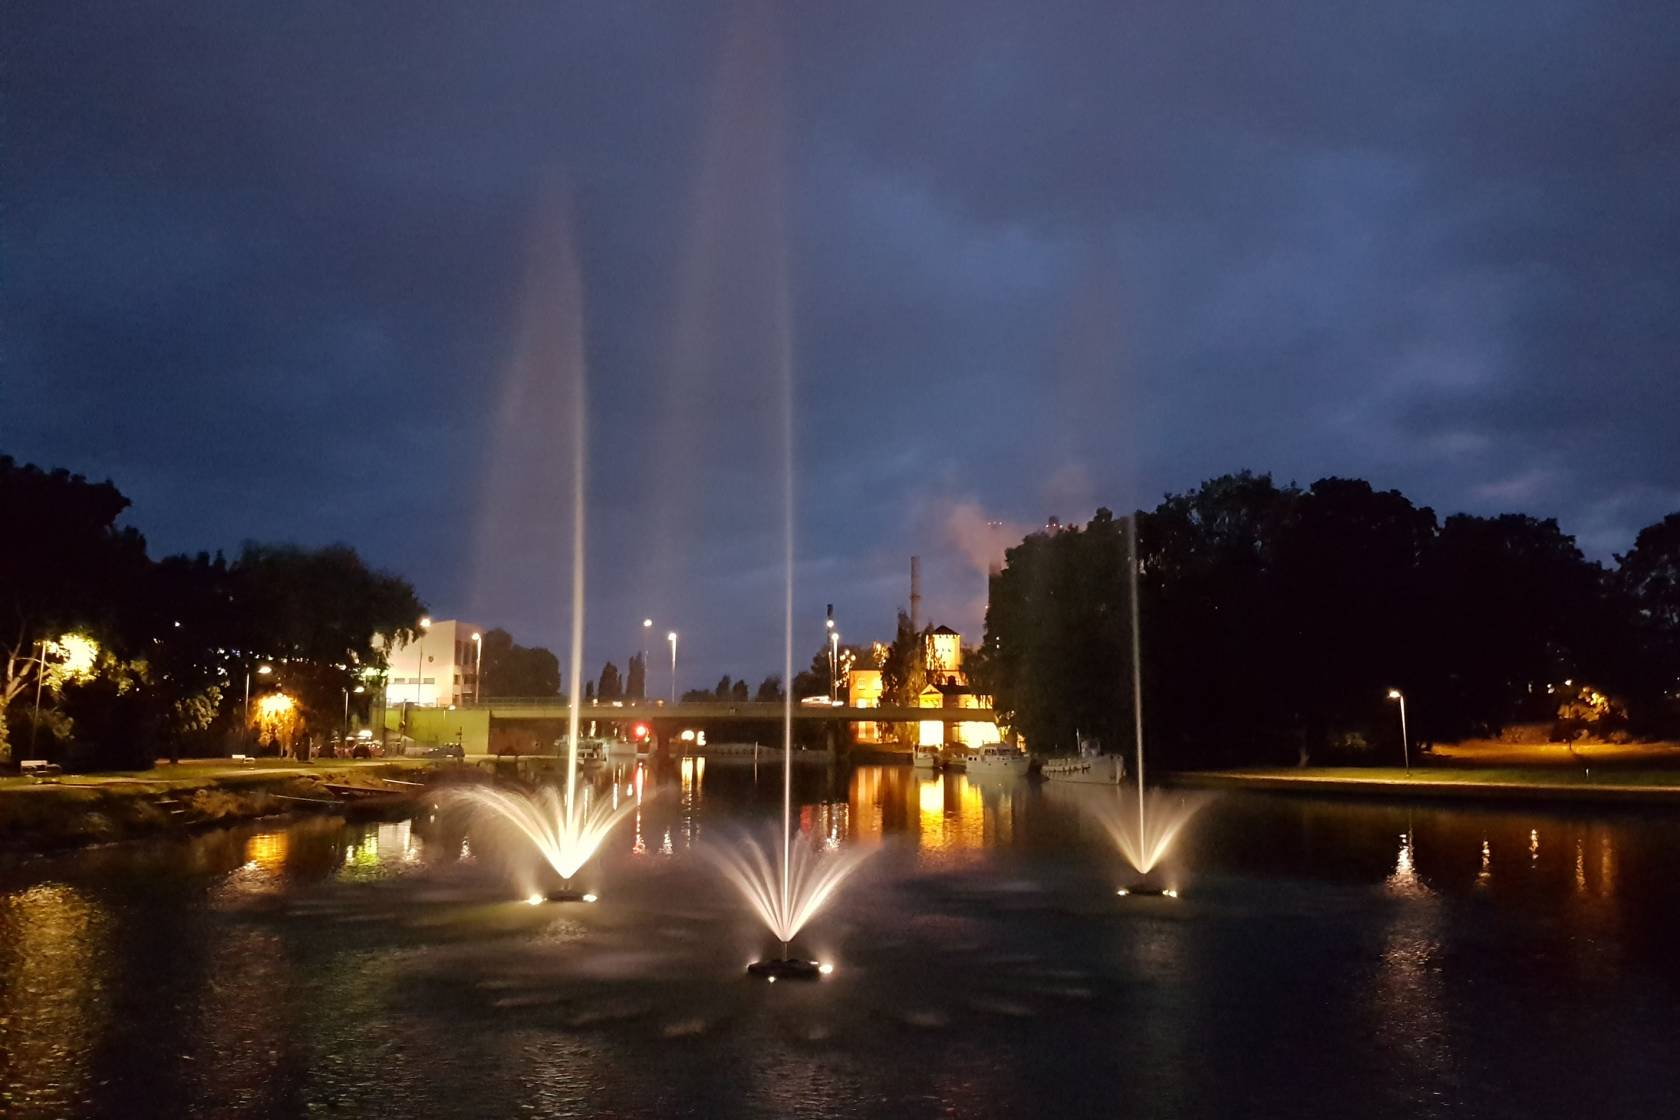 Valaistut suihkulähteen Valkeakosken keskustassa Kanavanrannassa